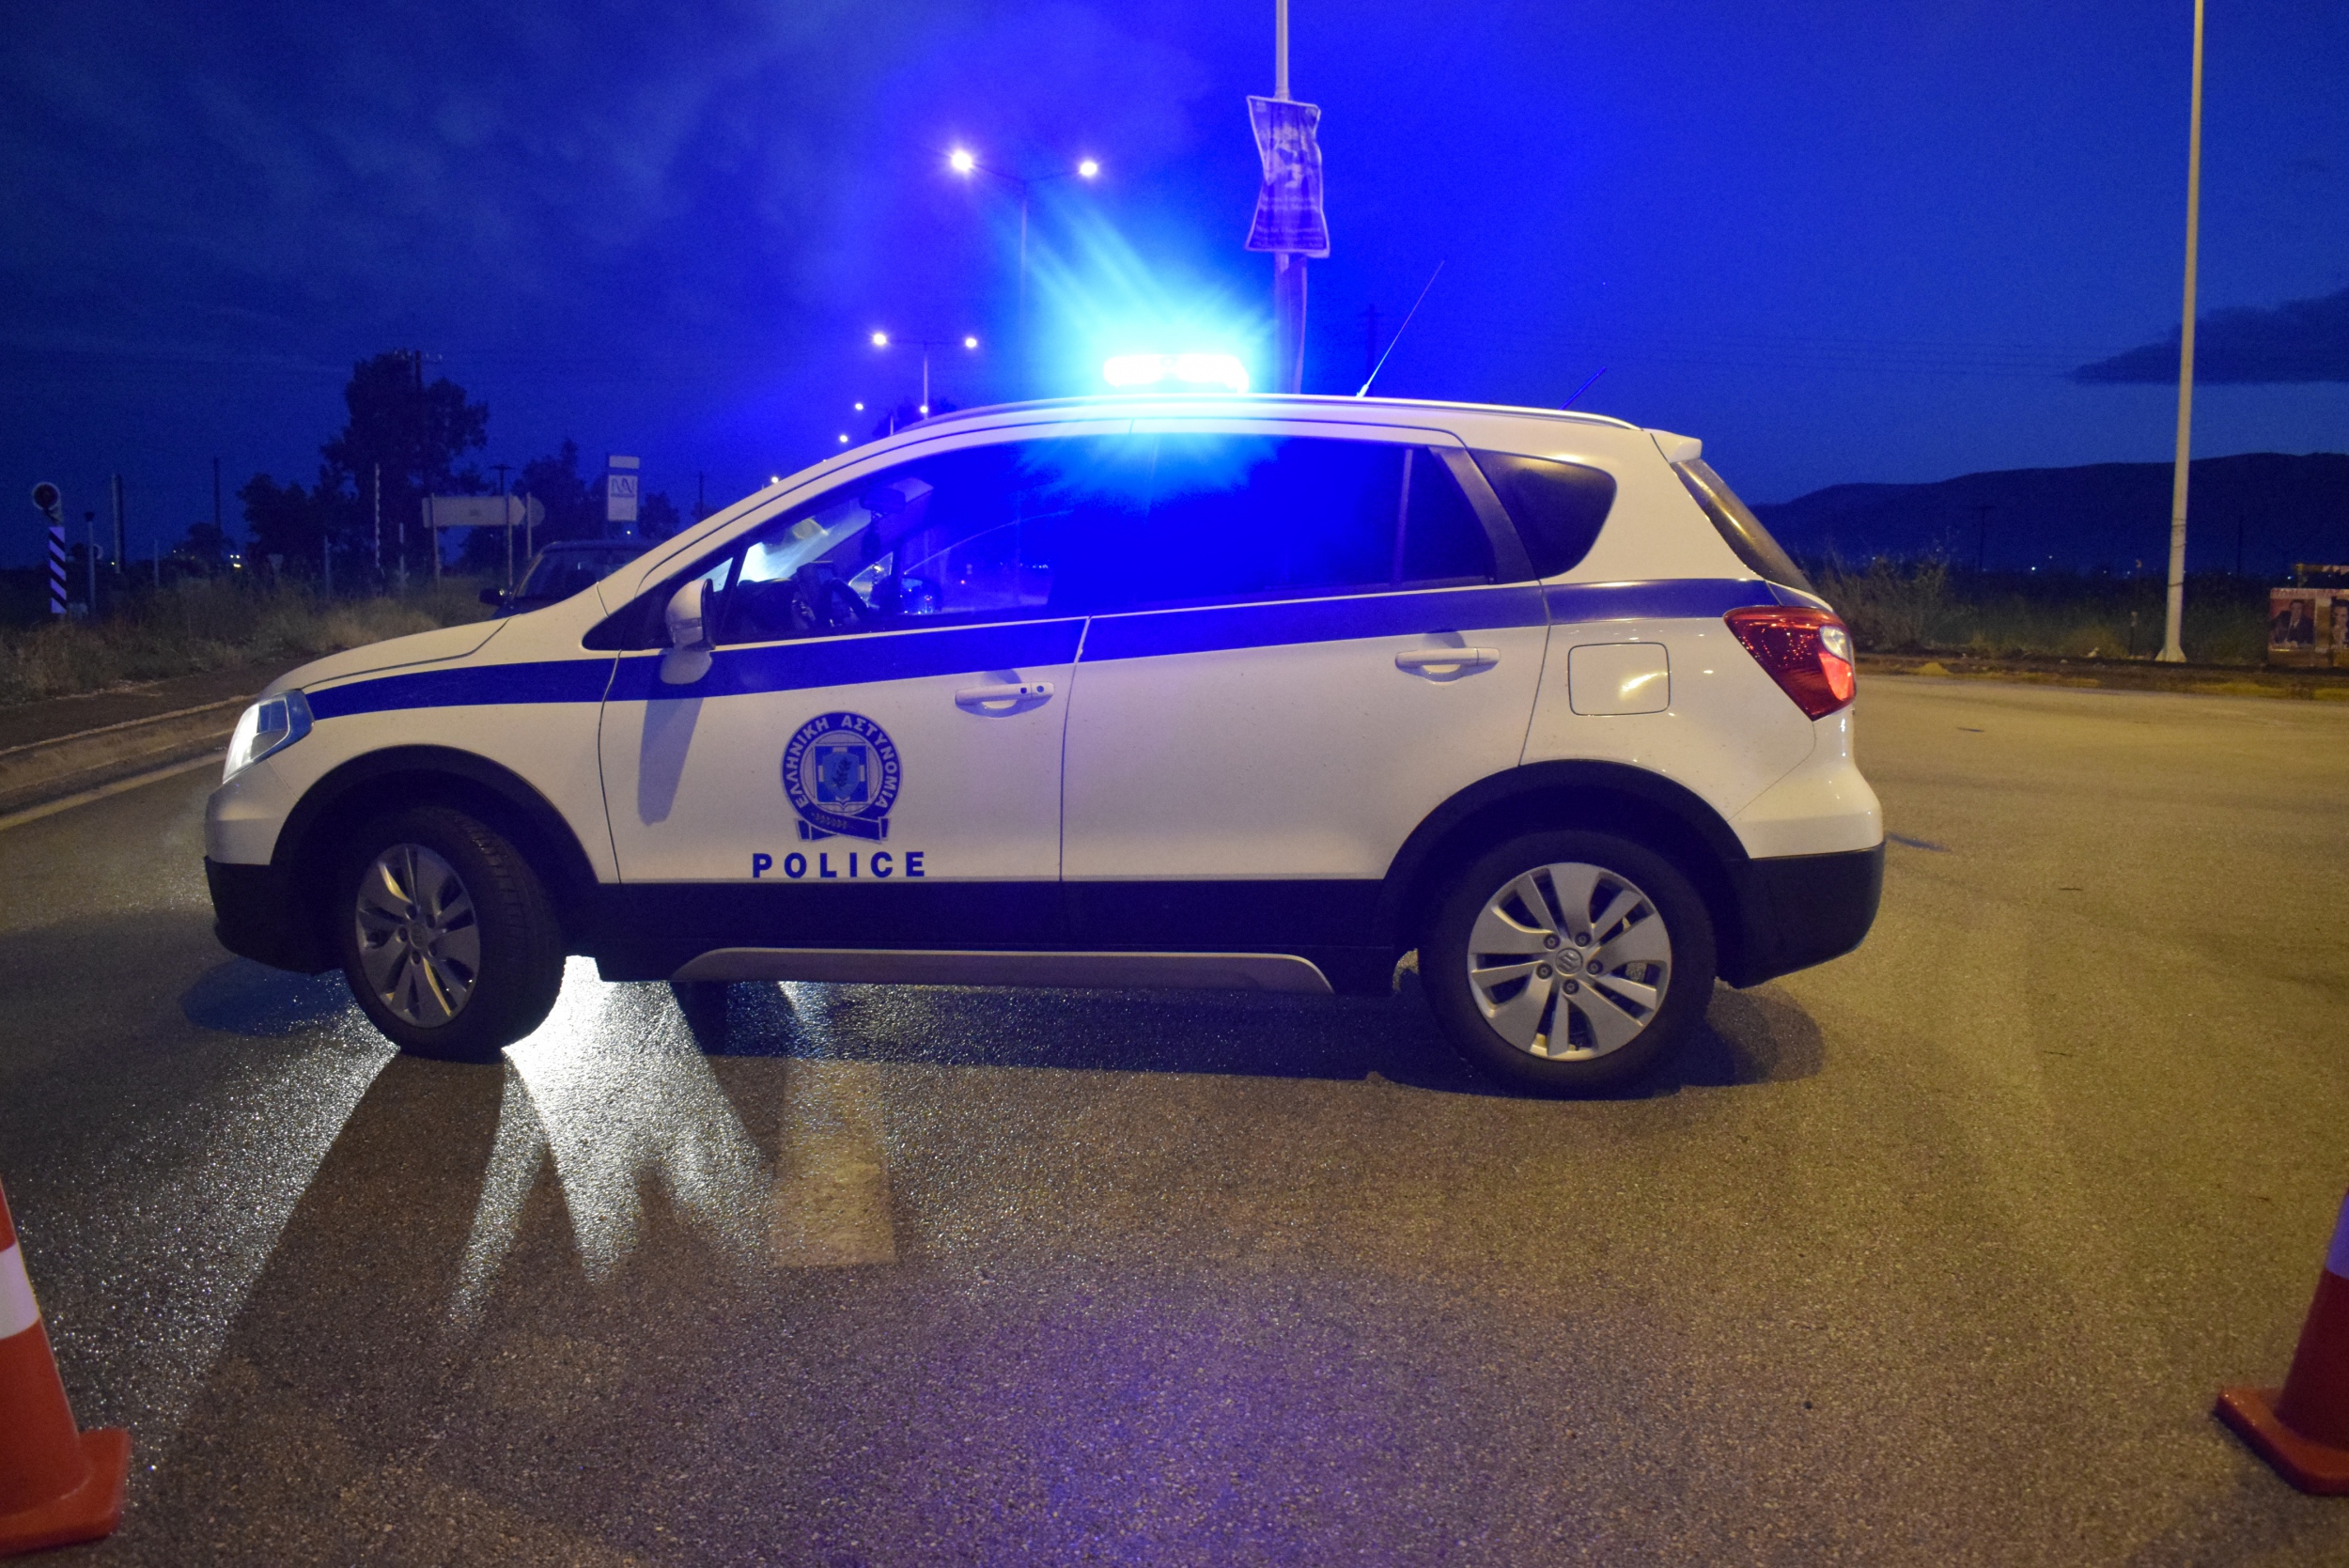 Κρήτη: Βρέθηκαν τη νύχτα οι Γάλλοι που το «έσκασαν» από ξενοδοχείο καραντίνας